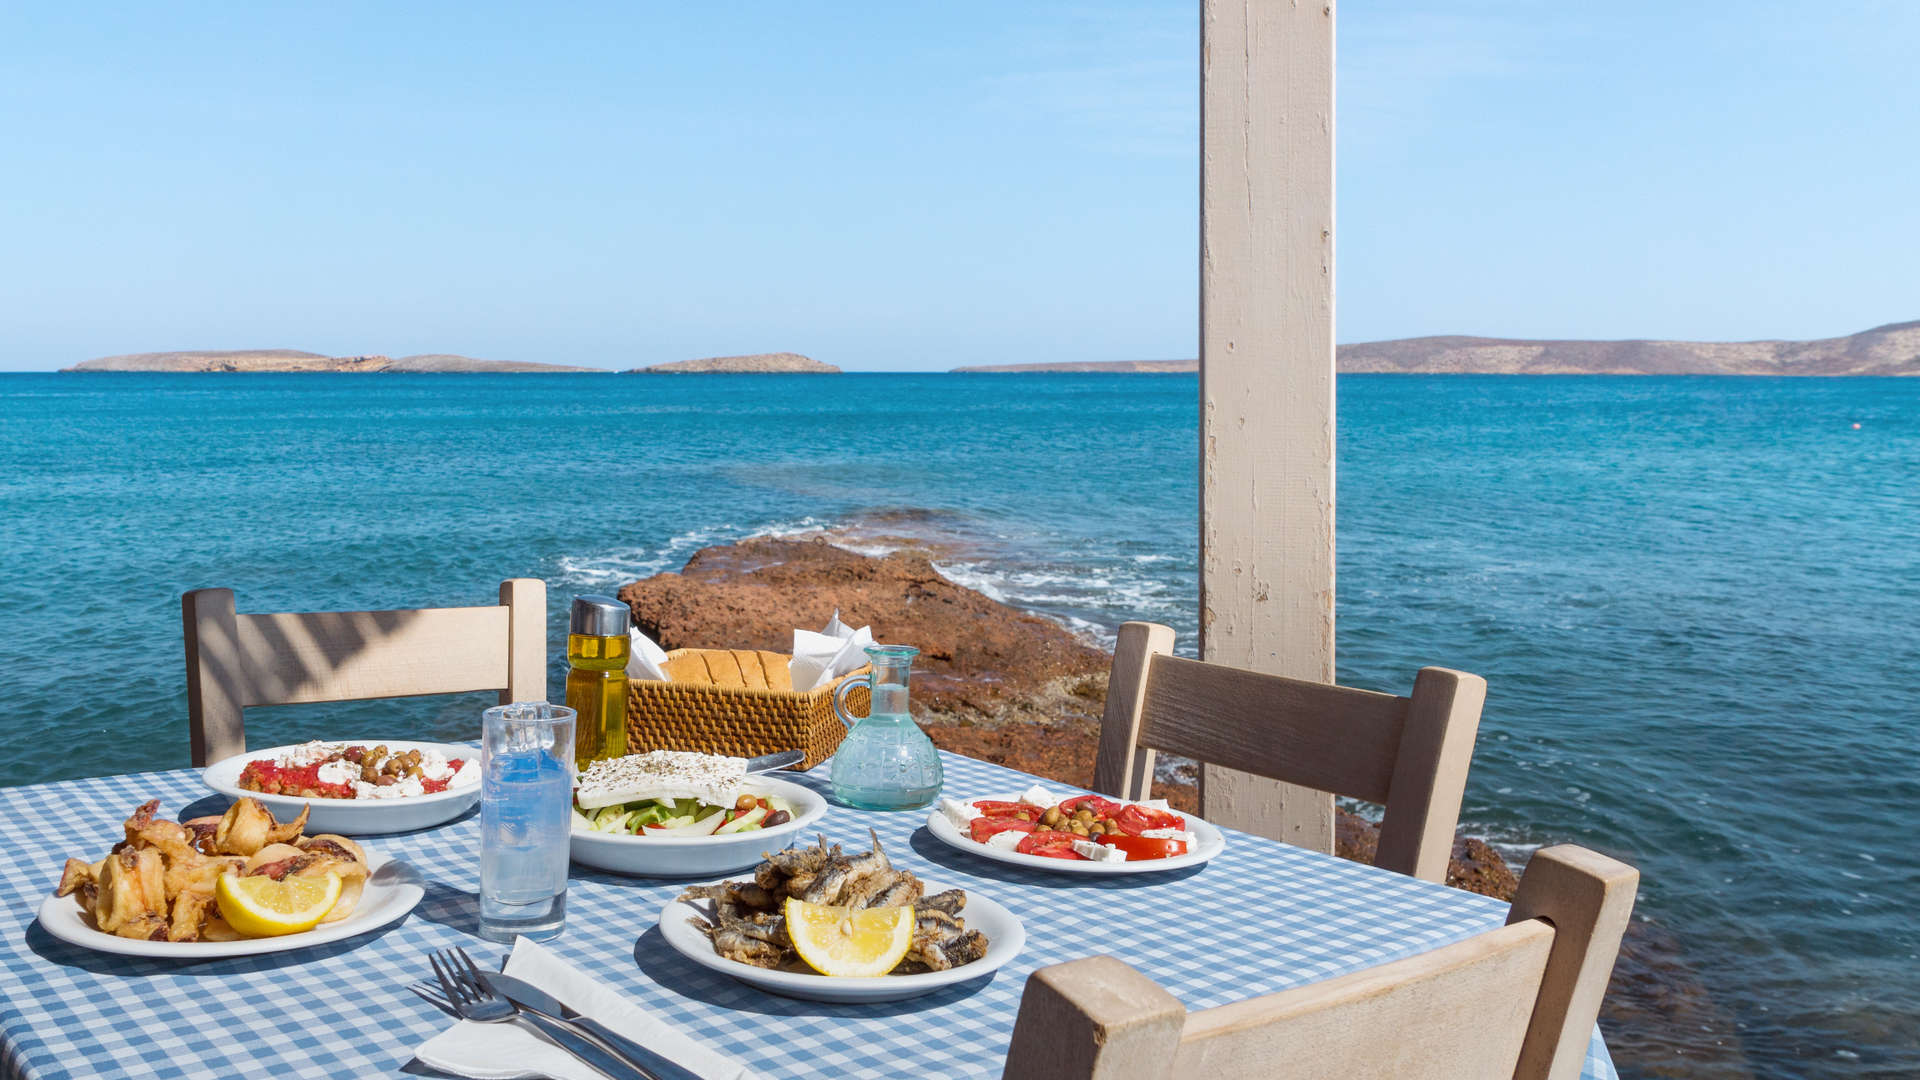 Griechenland | ©Veniamakis Stefanos/Shutterstock.com